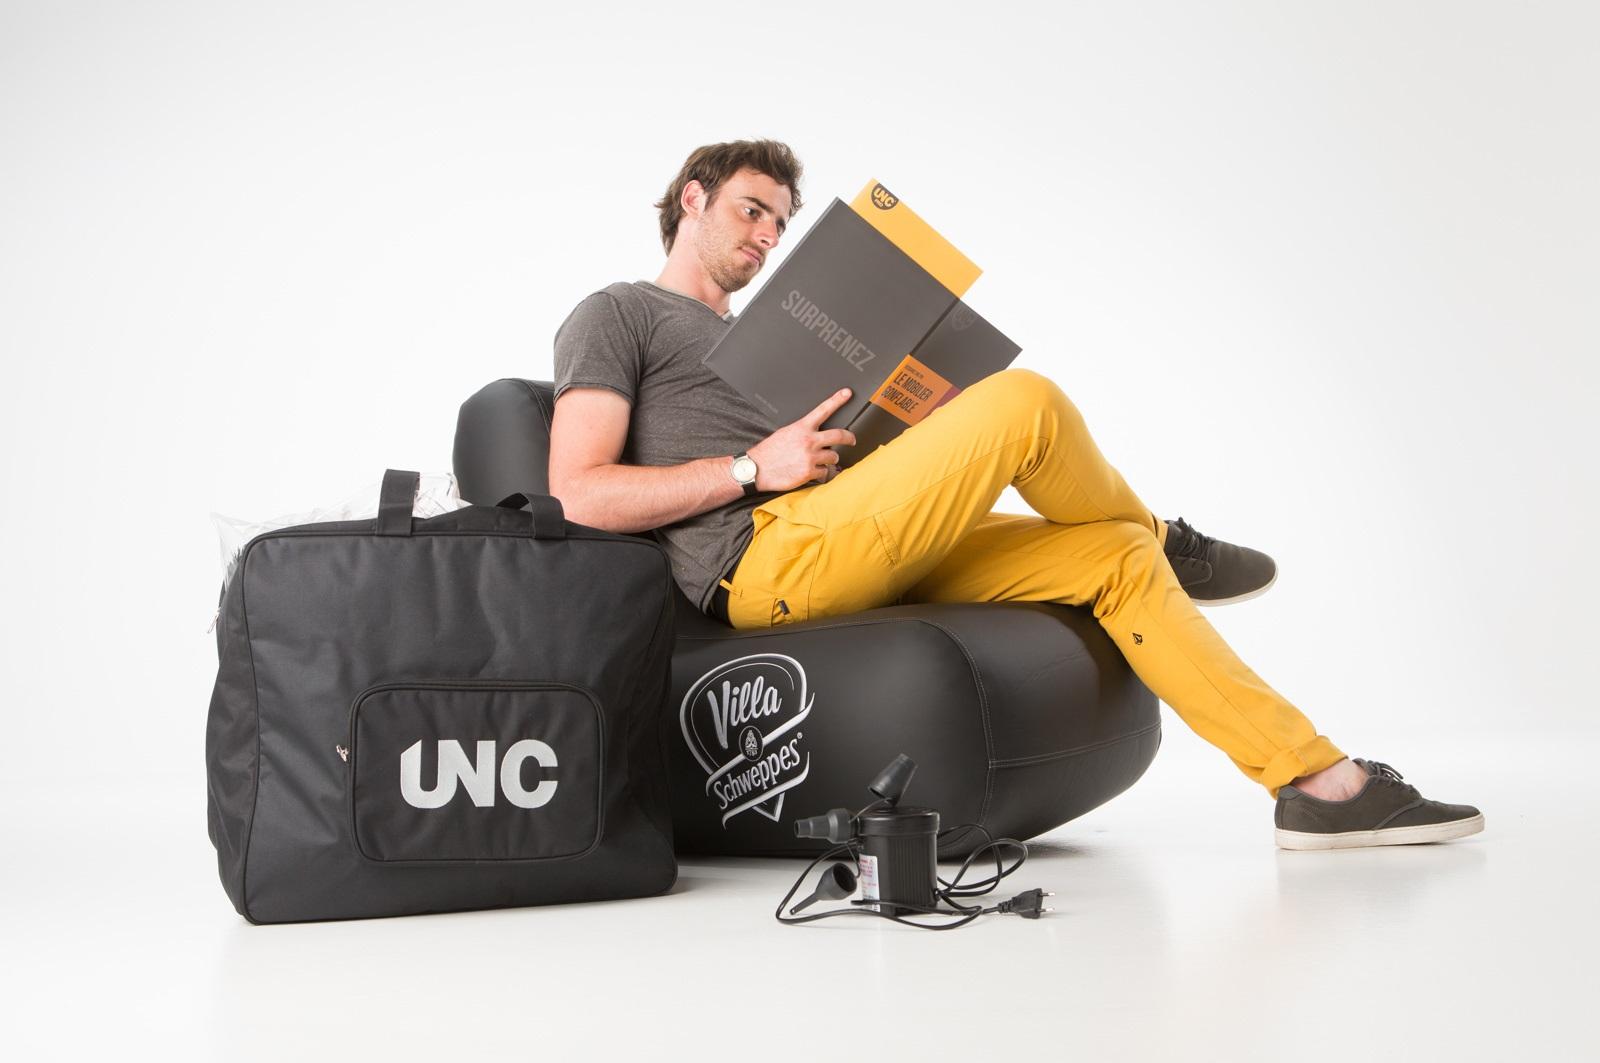 entrepreneur unc pro mobilier gonflable